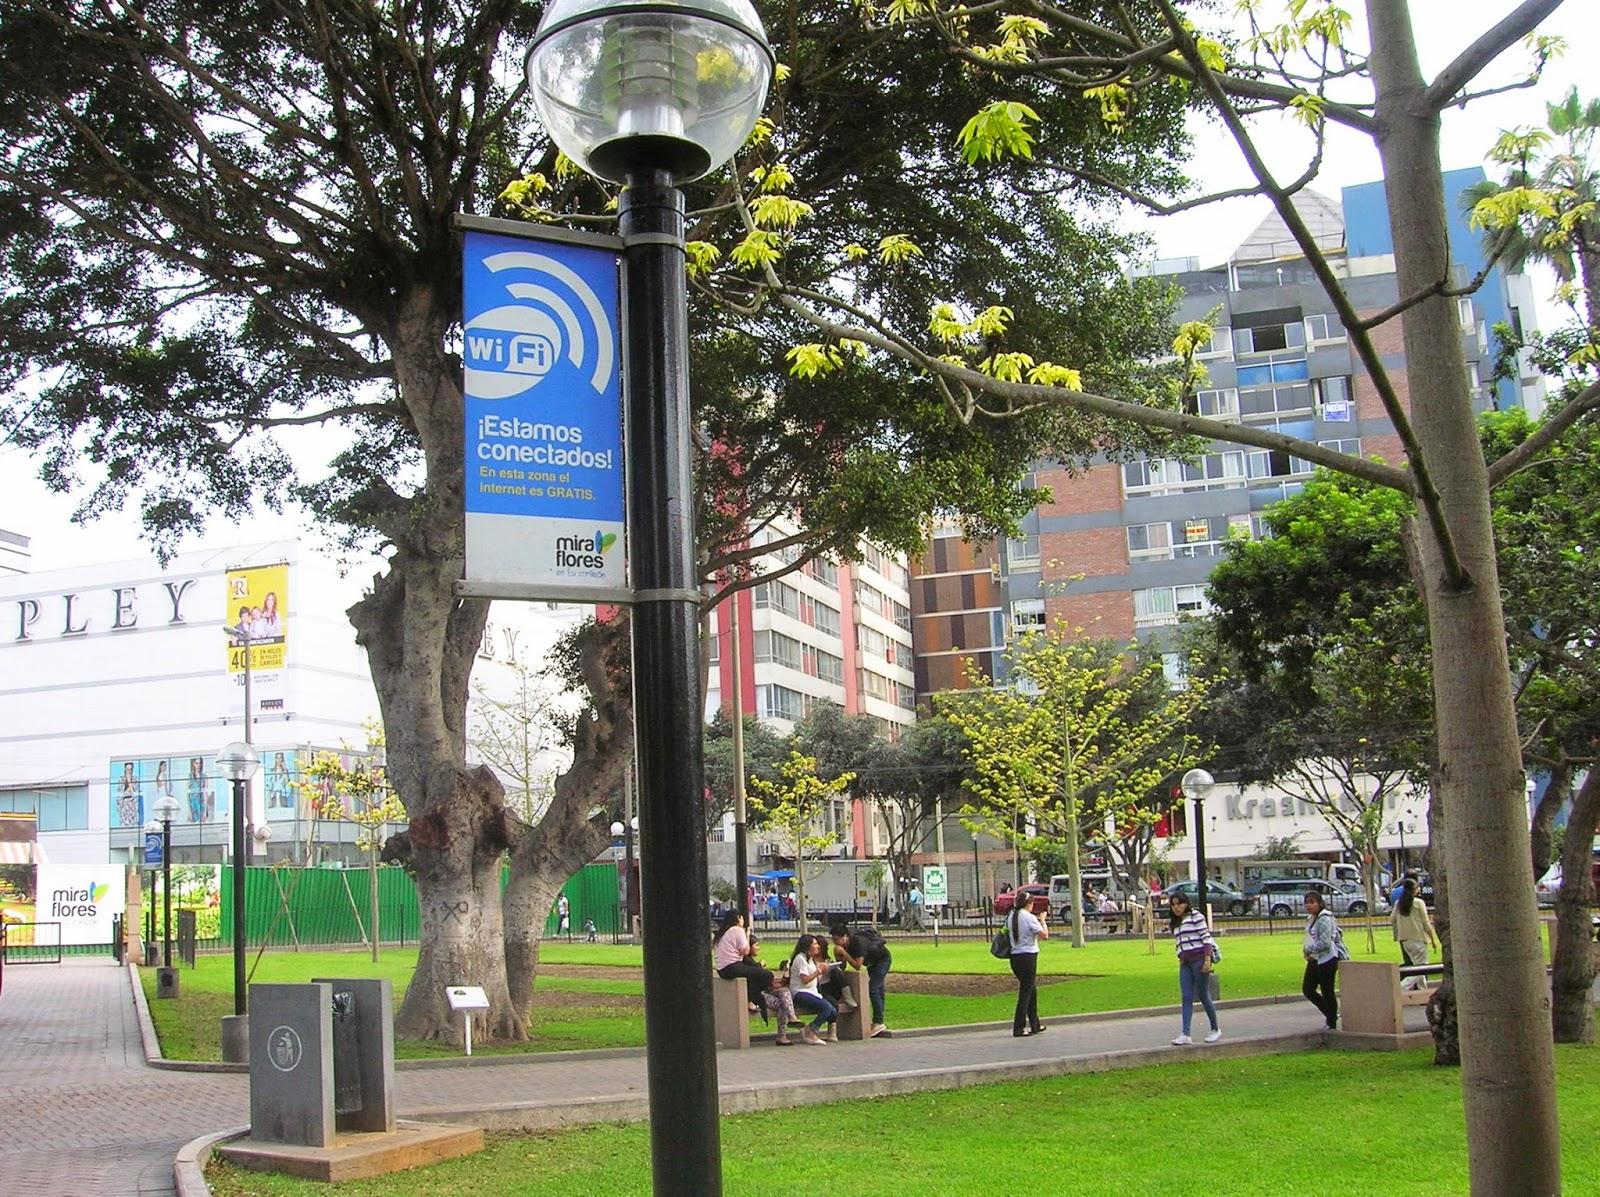 Zona wifi , Miraflores, Lima, Perú, La vuelta al mundo de Asun y Ricardo, round the world, mundoporlibre.com